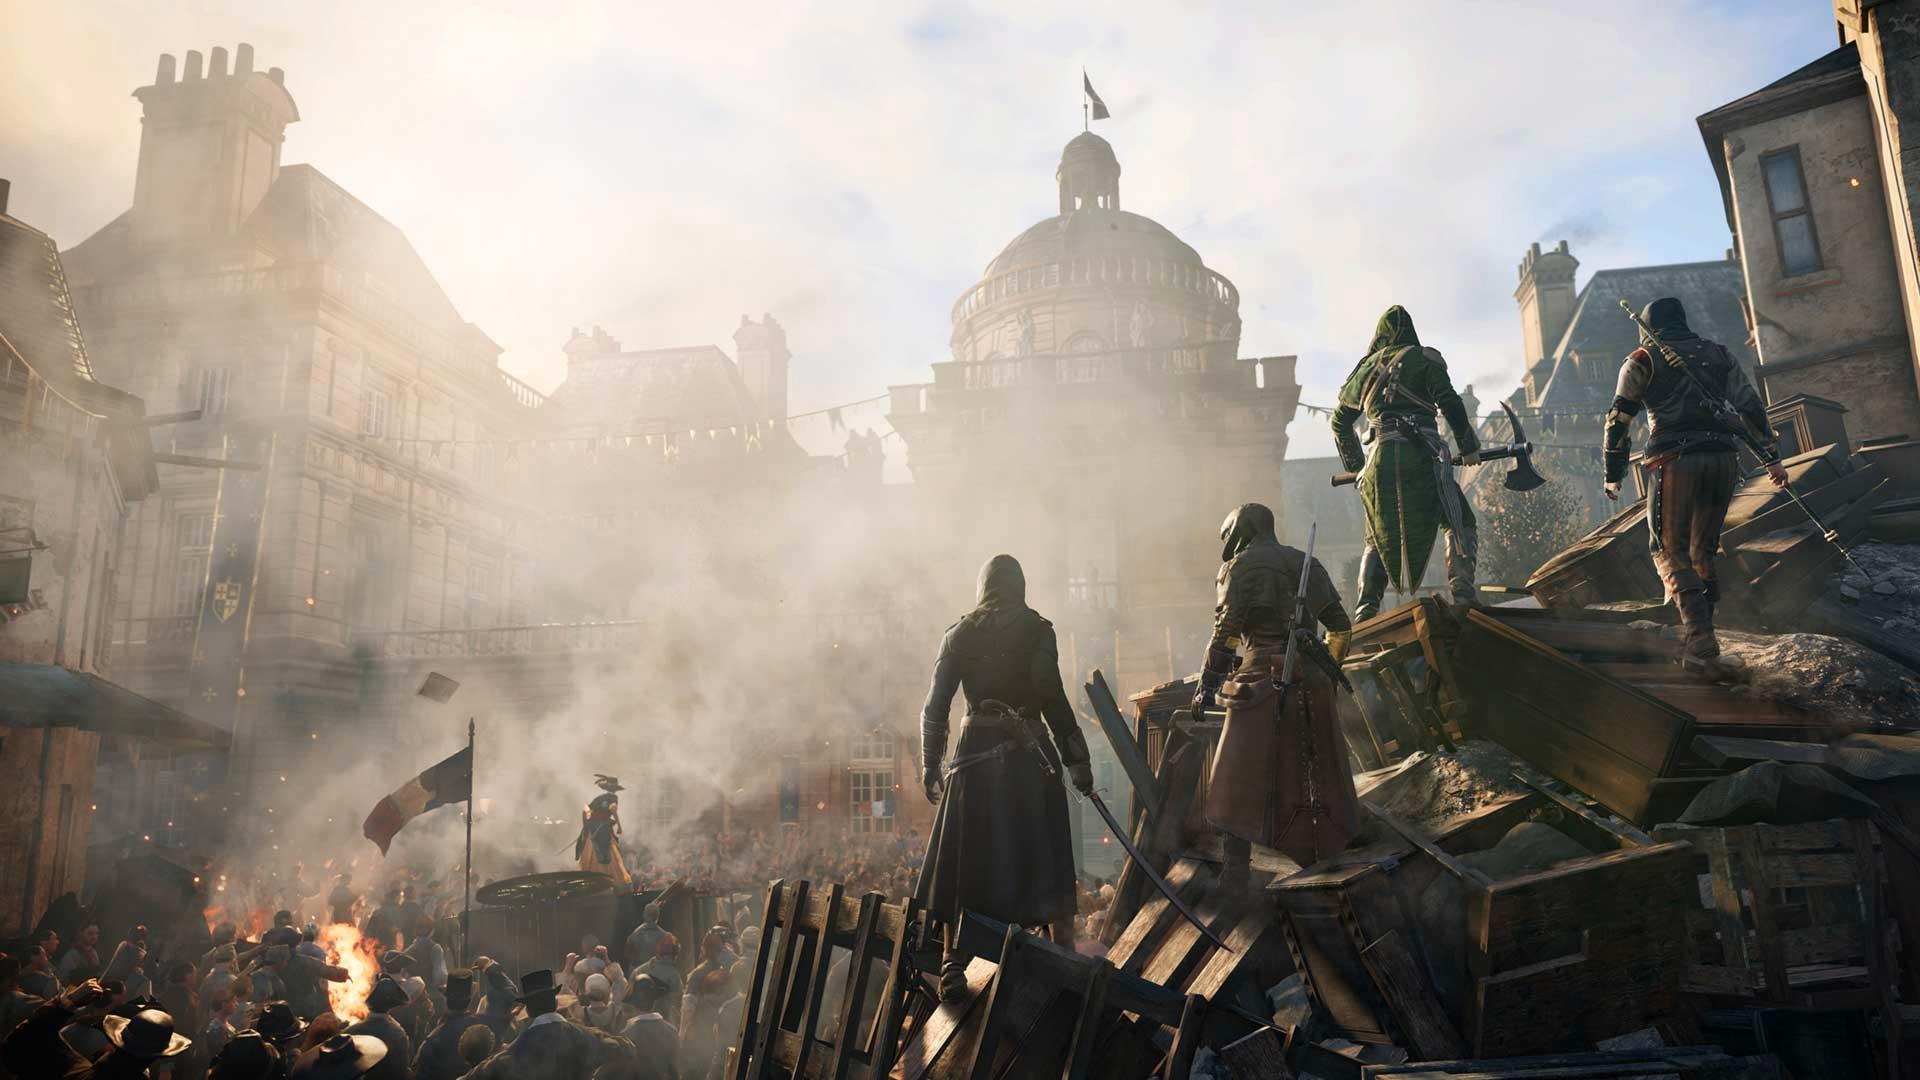 Assassins Creed Unity Hd Game Desktop Wallpaper 12 Preview 10wallpaper Com